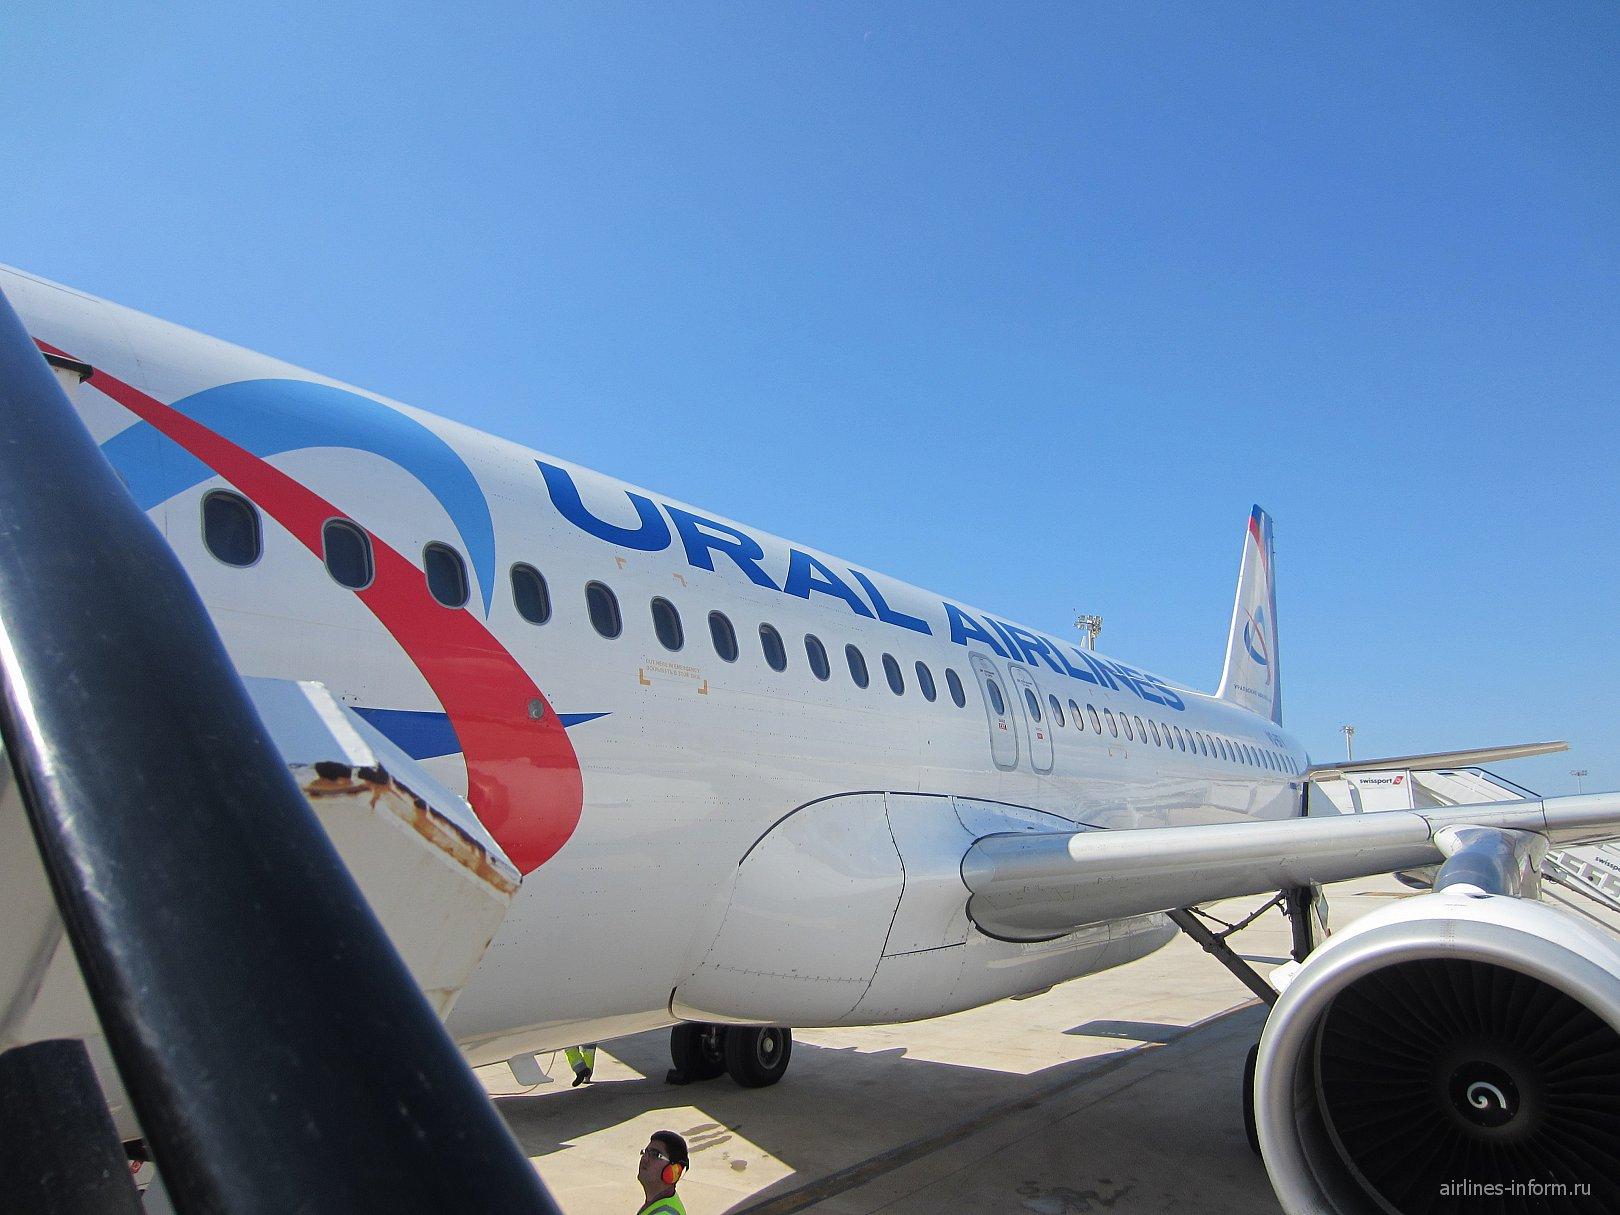 Airbus A320 Уральских авиалиний в аэропорту Эль-Прат Барселоны